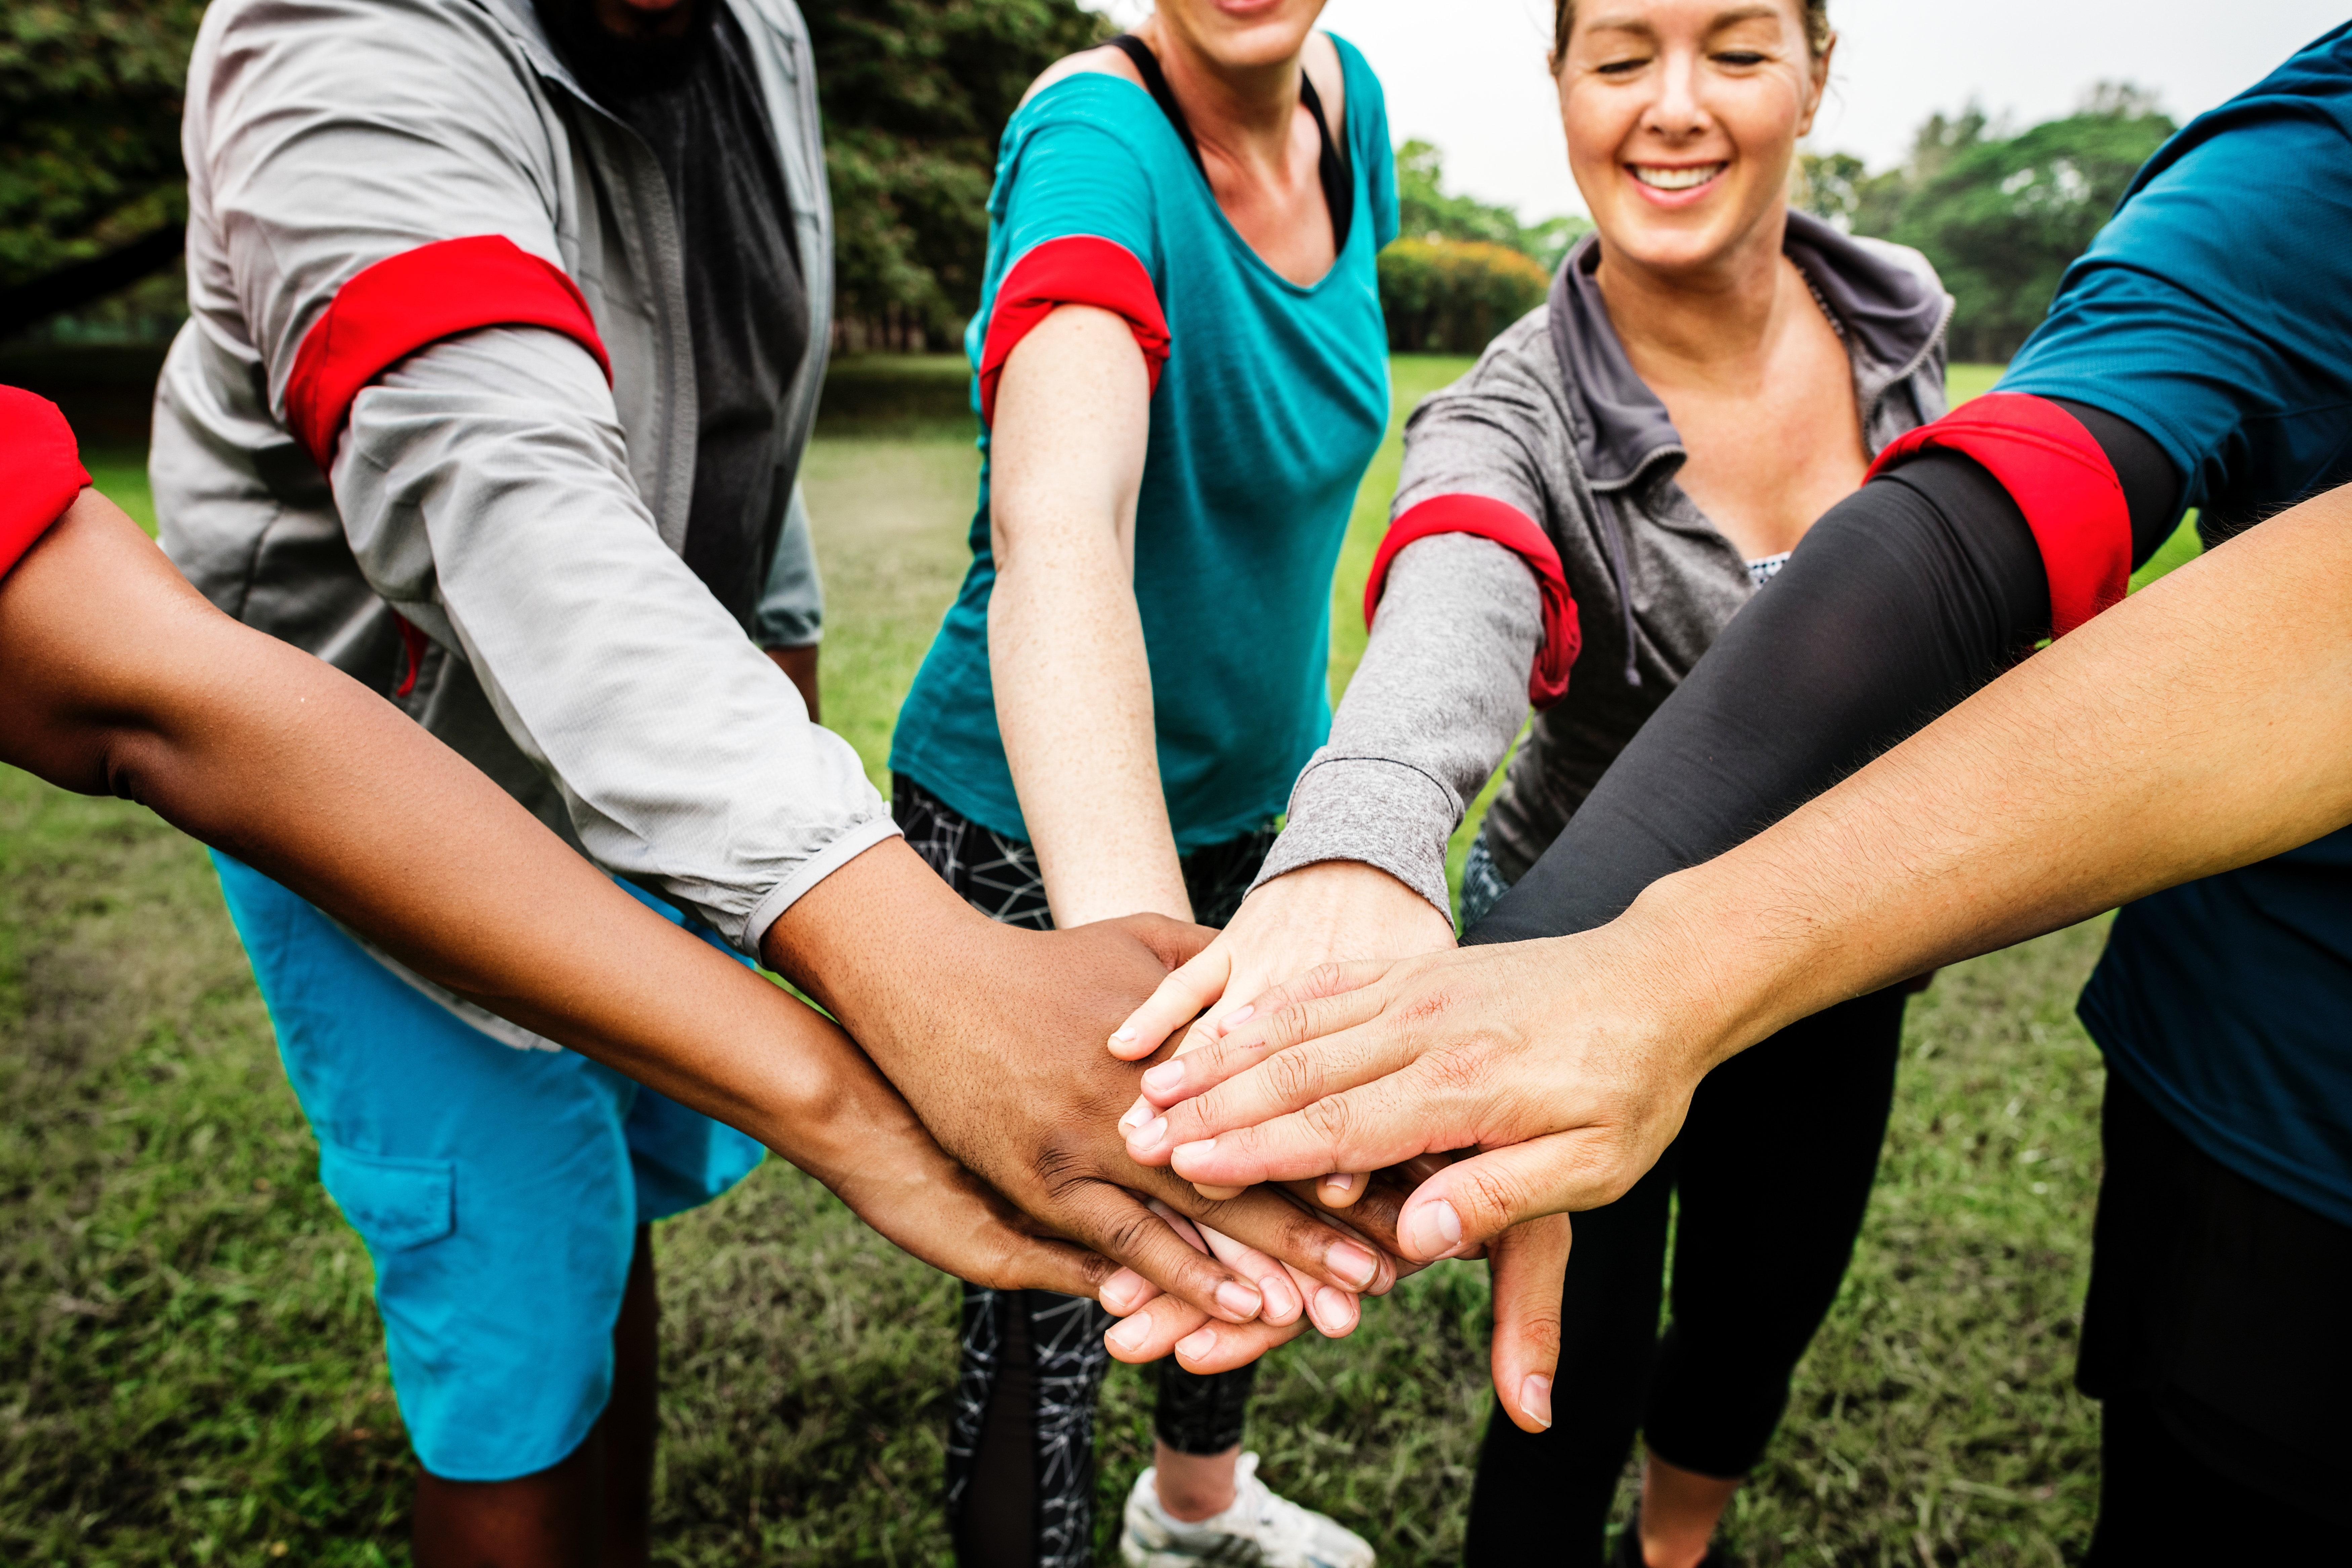 Os benefícios dos esportes para o bem-estar e saúde - @pitacoseachados1